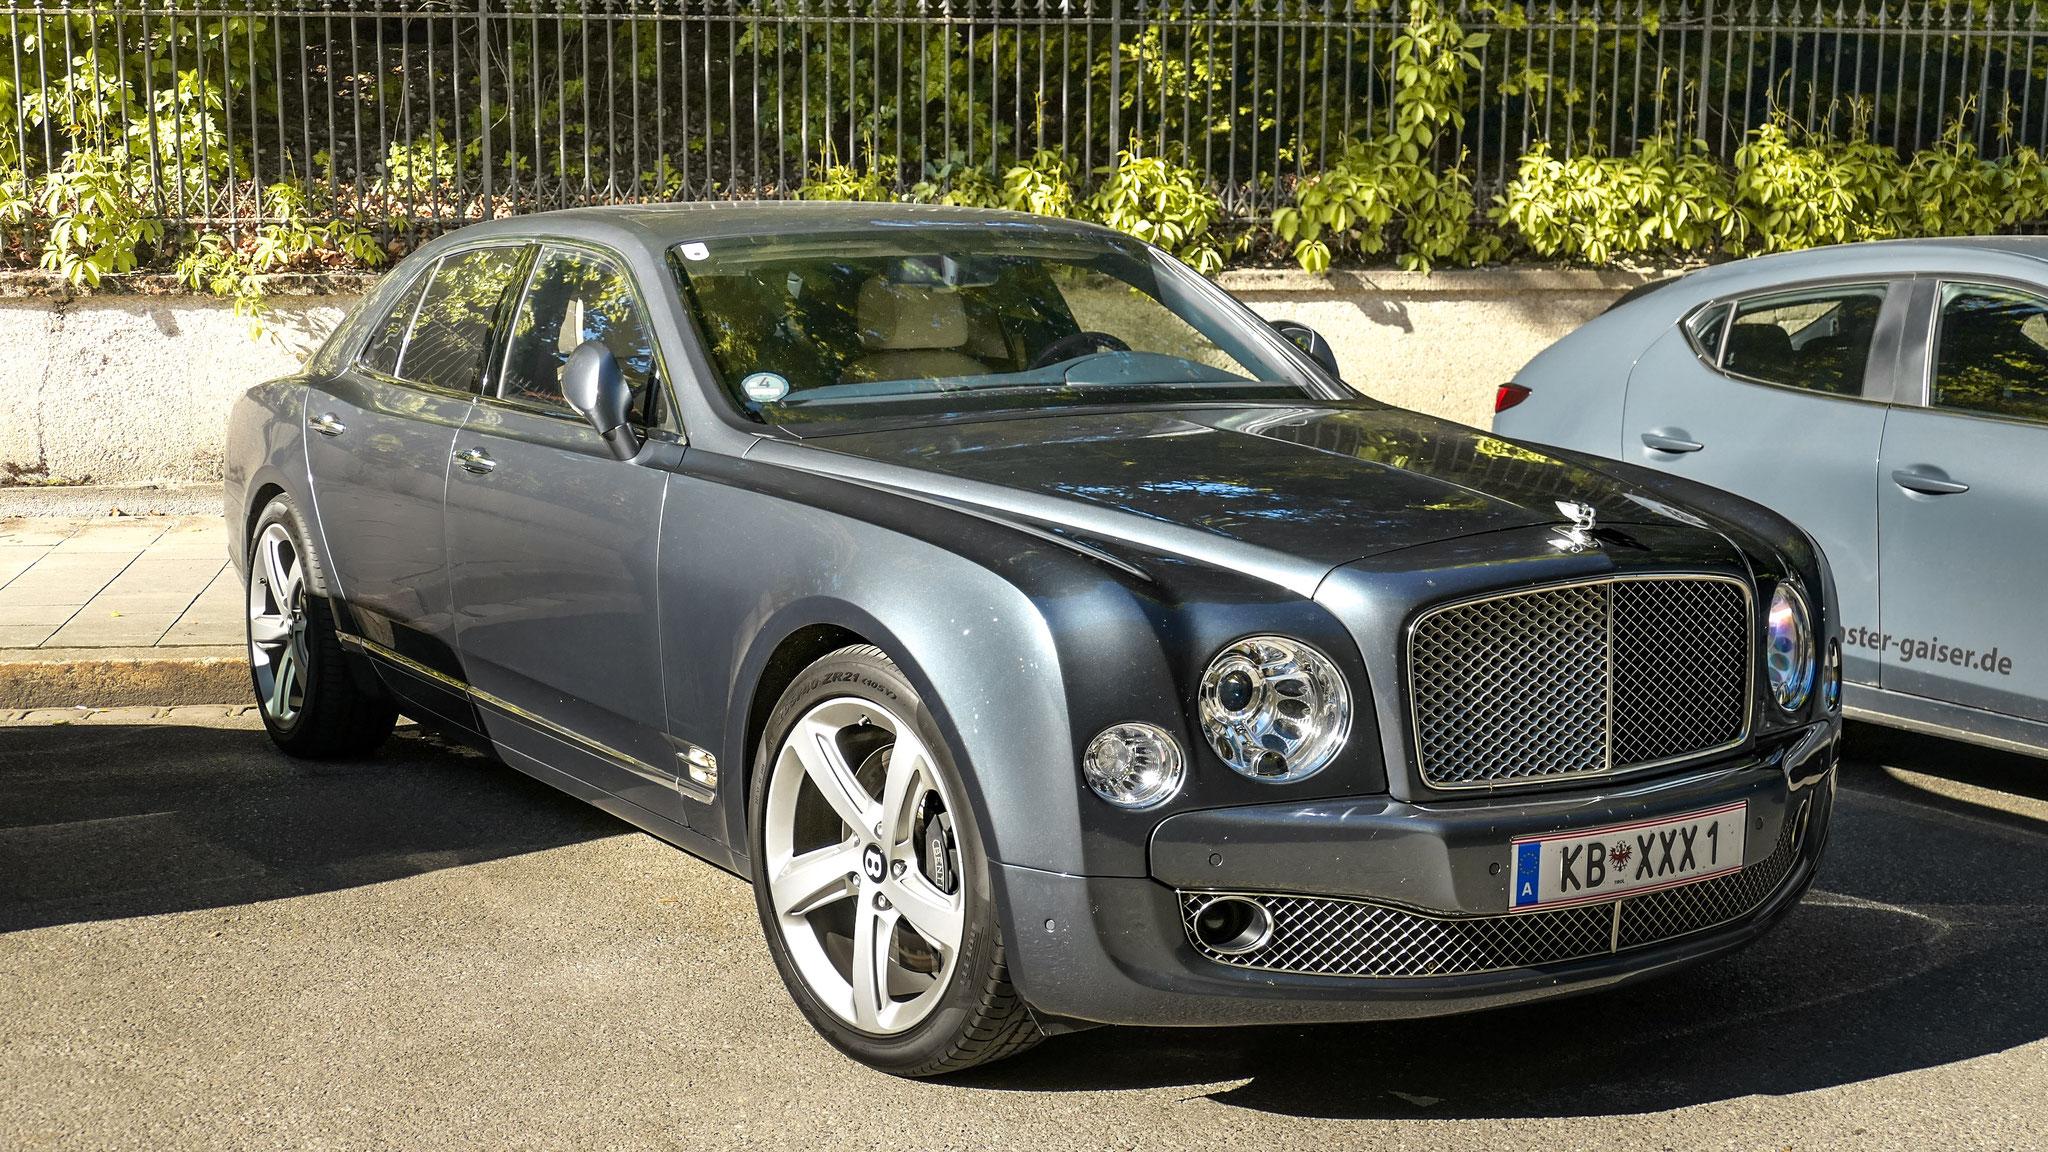 Bentley Mulsanne - KB-XXX-1 (AUT)